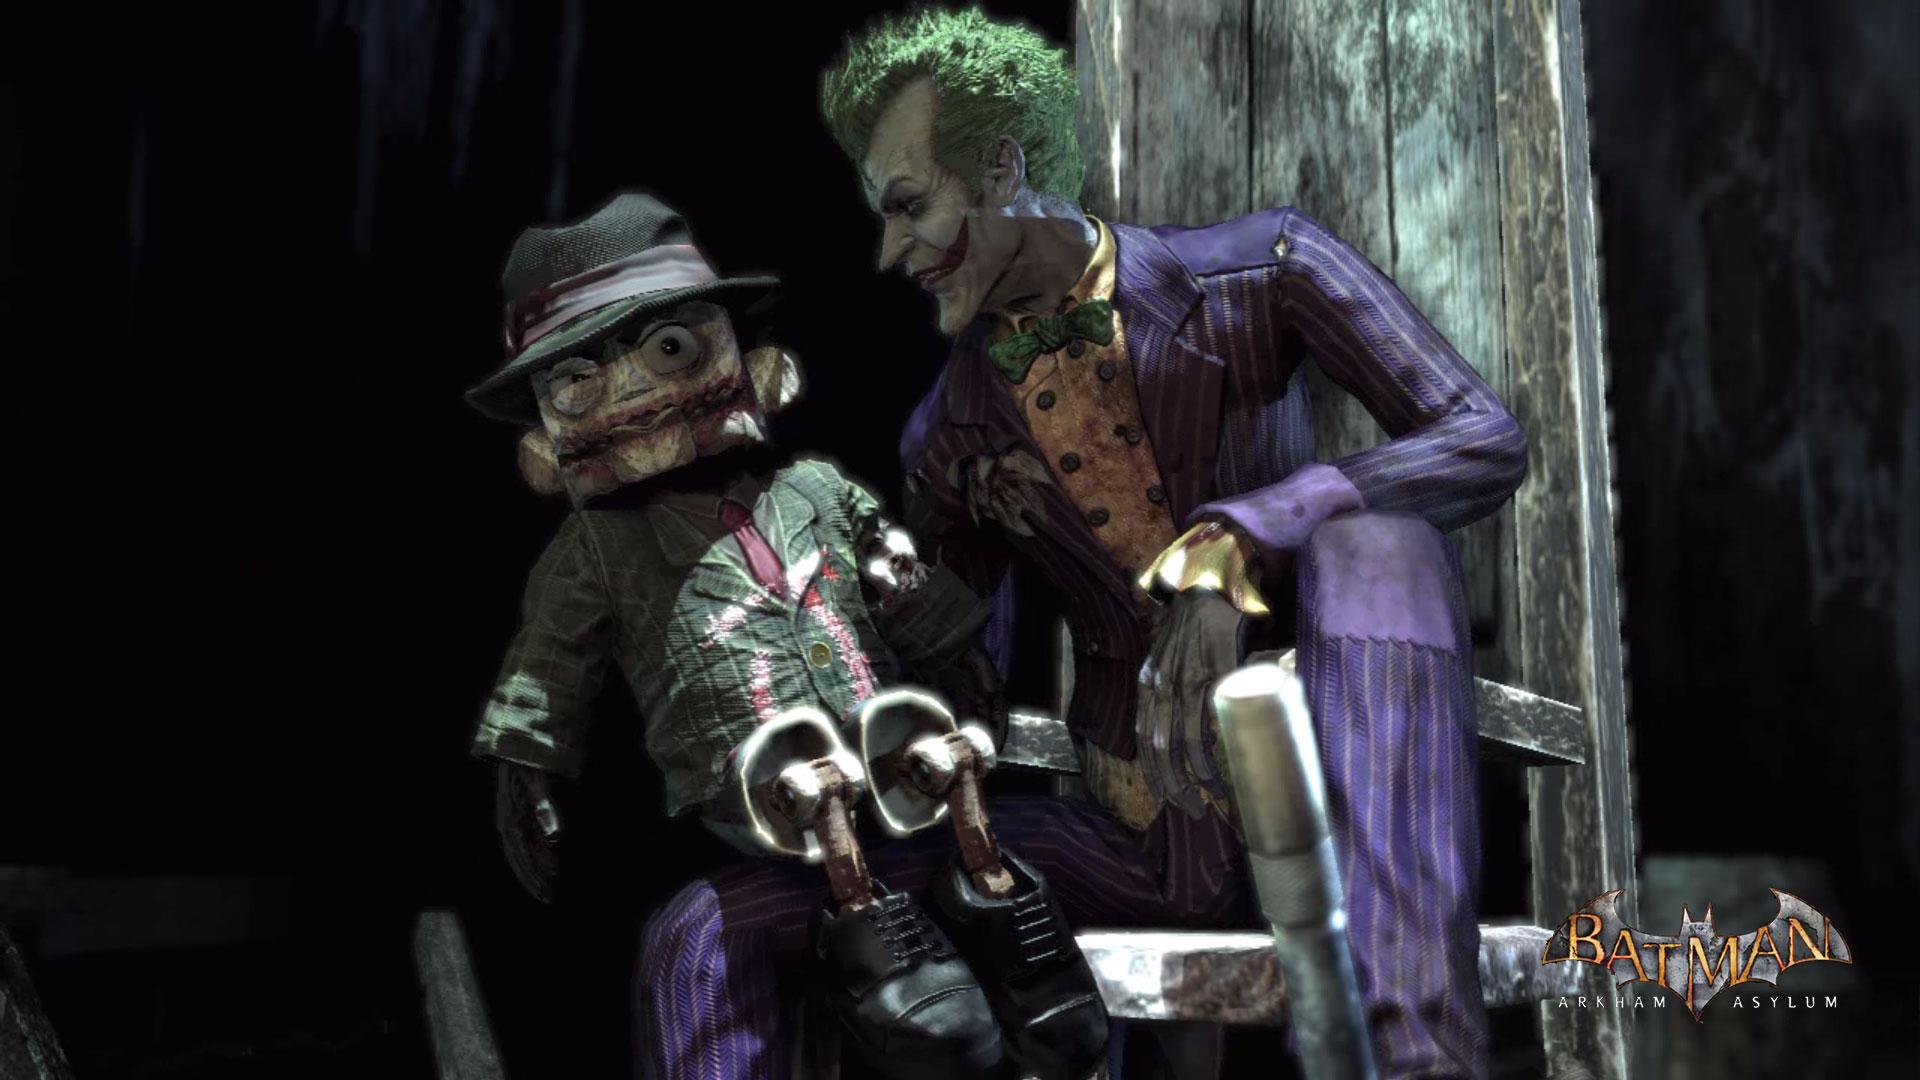 Batman Arkham Asylum   Joker Scarface puppet   1920x1080   Full HD 1920x1080